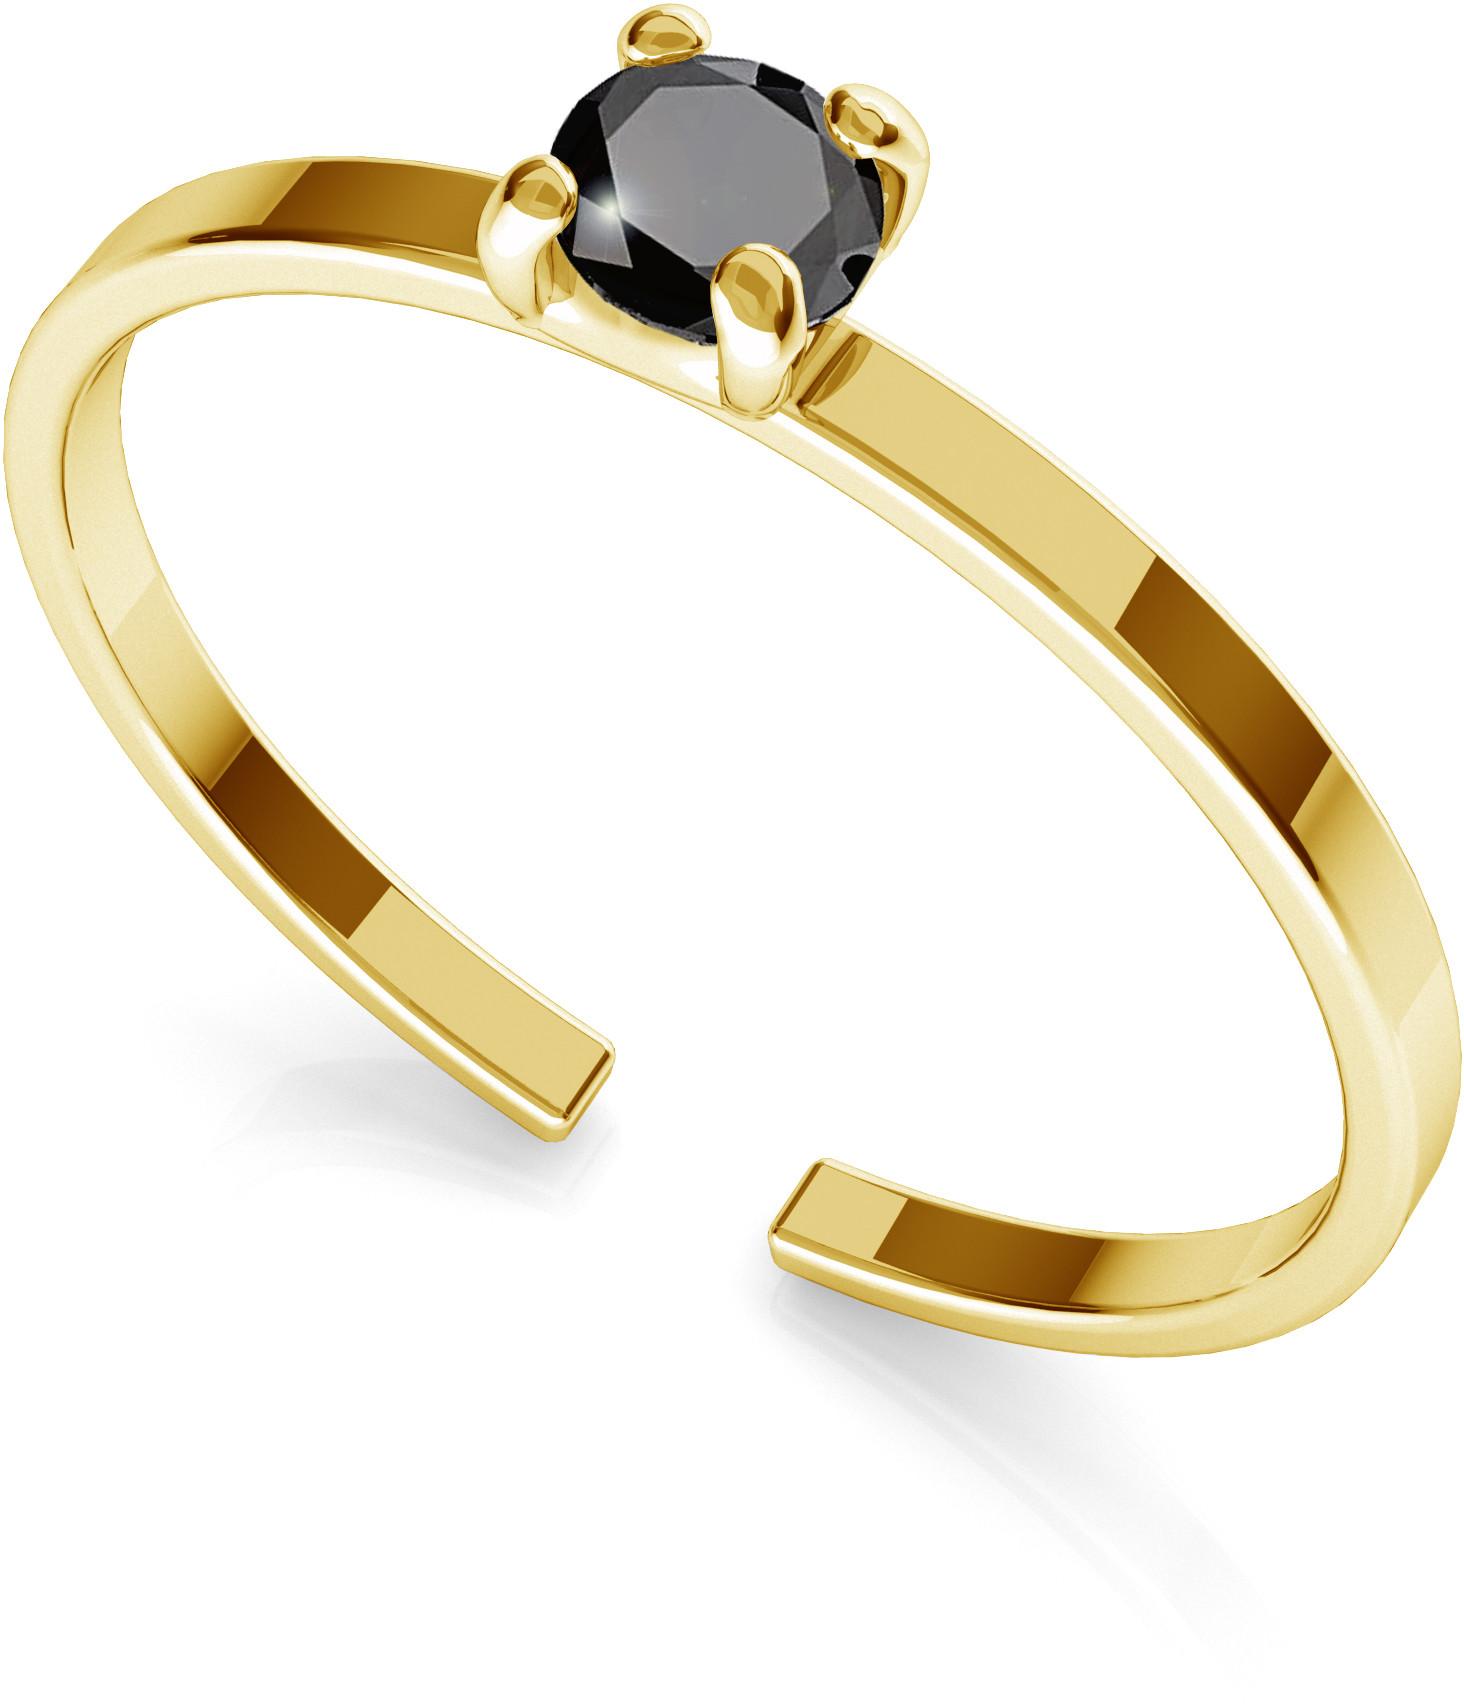 GIORRE Srebrny pierścionek z diamentem 3mm My RING 925 : Kolor pokrycia srebra - Pokrycie Żółtym 24K Złotem